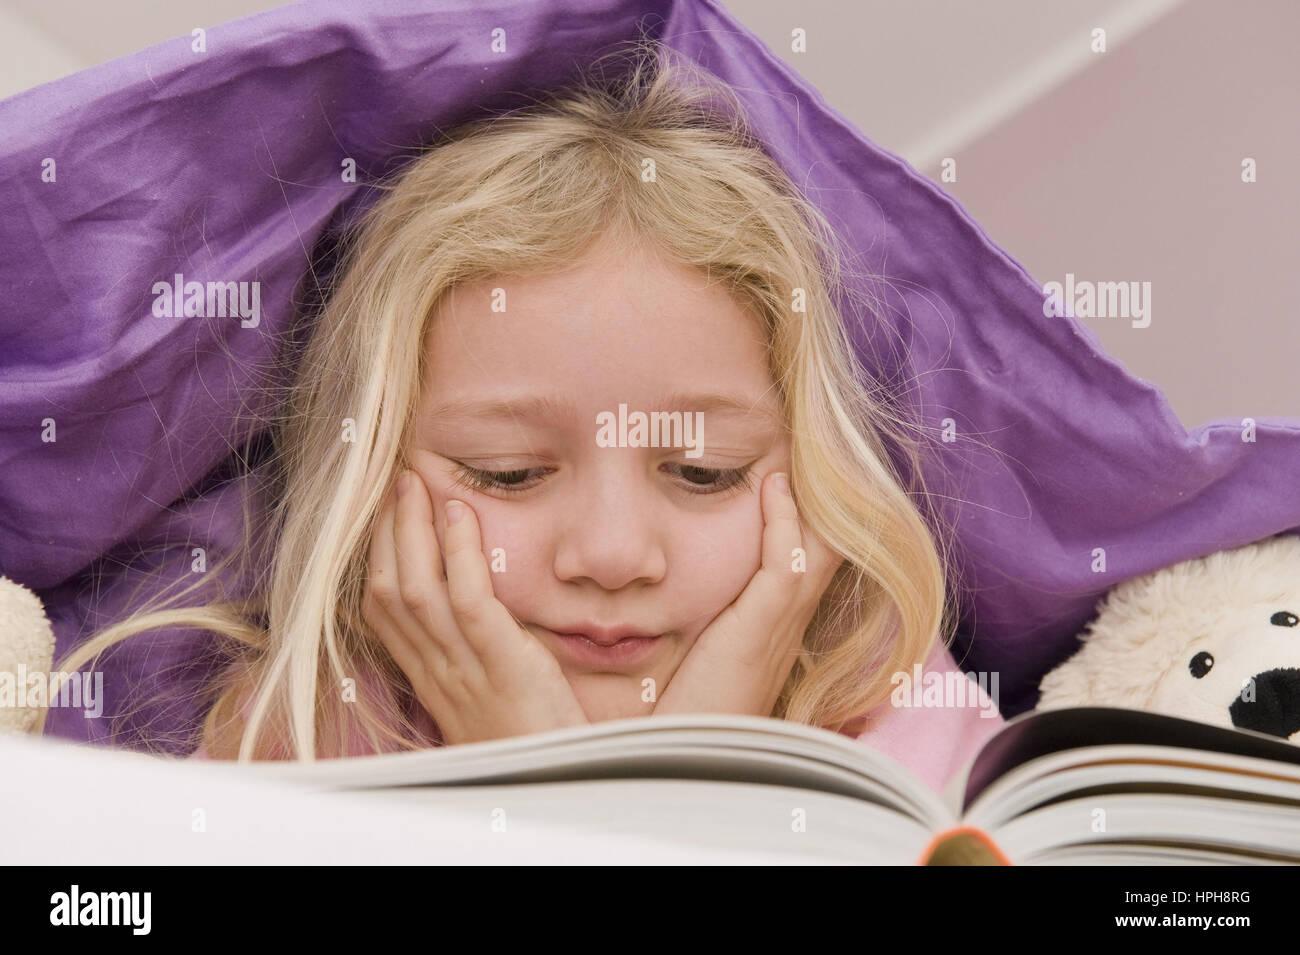 Maedchen liegt unter der Bettdecke und liest ein Buch - girl lying under bed cover reading a book, Model released Stock Photo